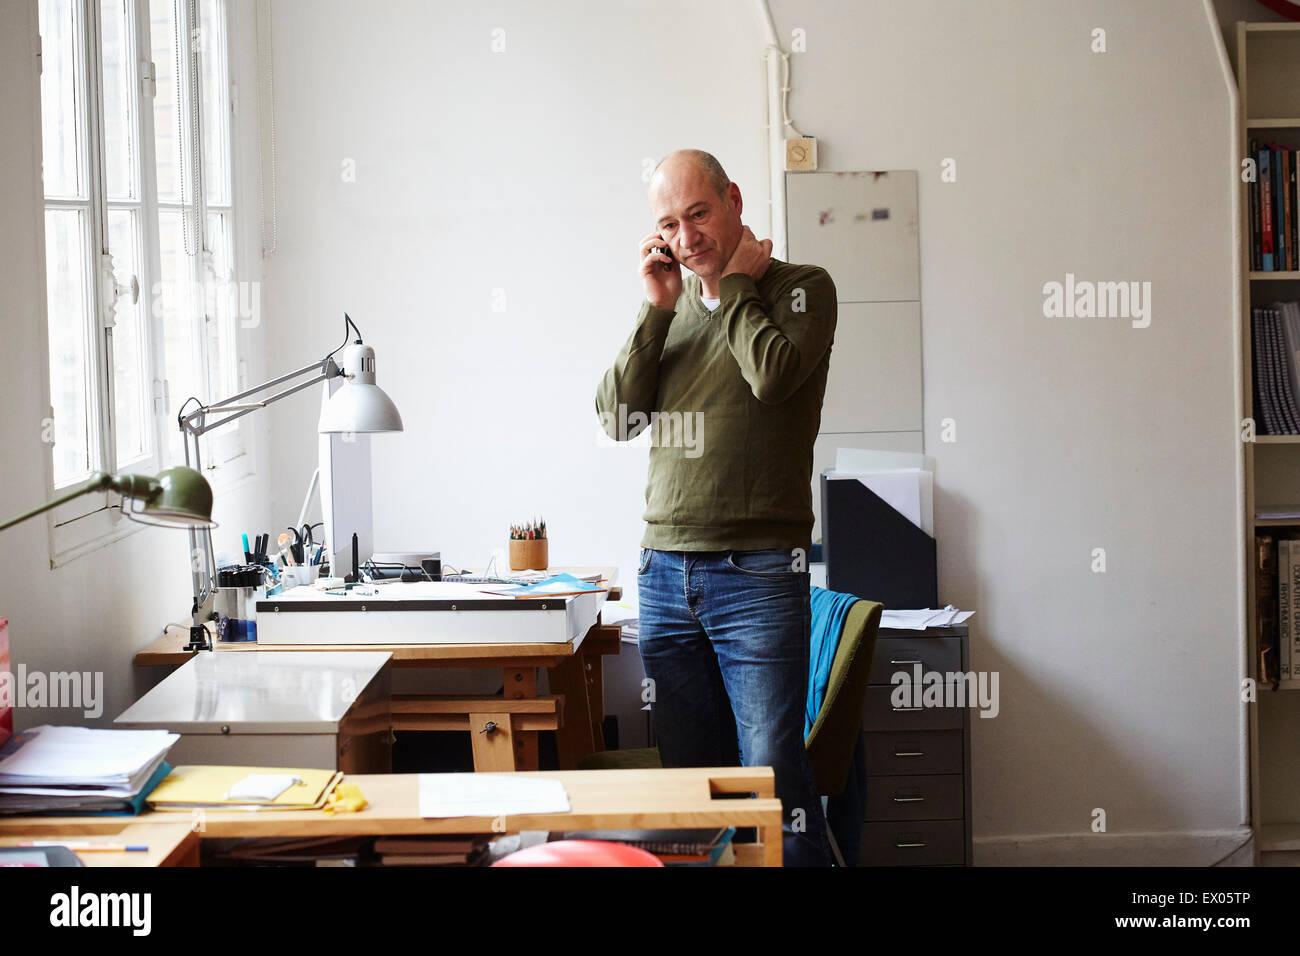 Homme mûr sur le téléphone dans creative studio Photo Stock